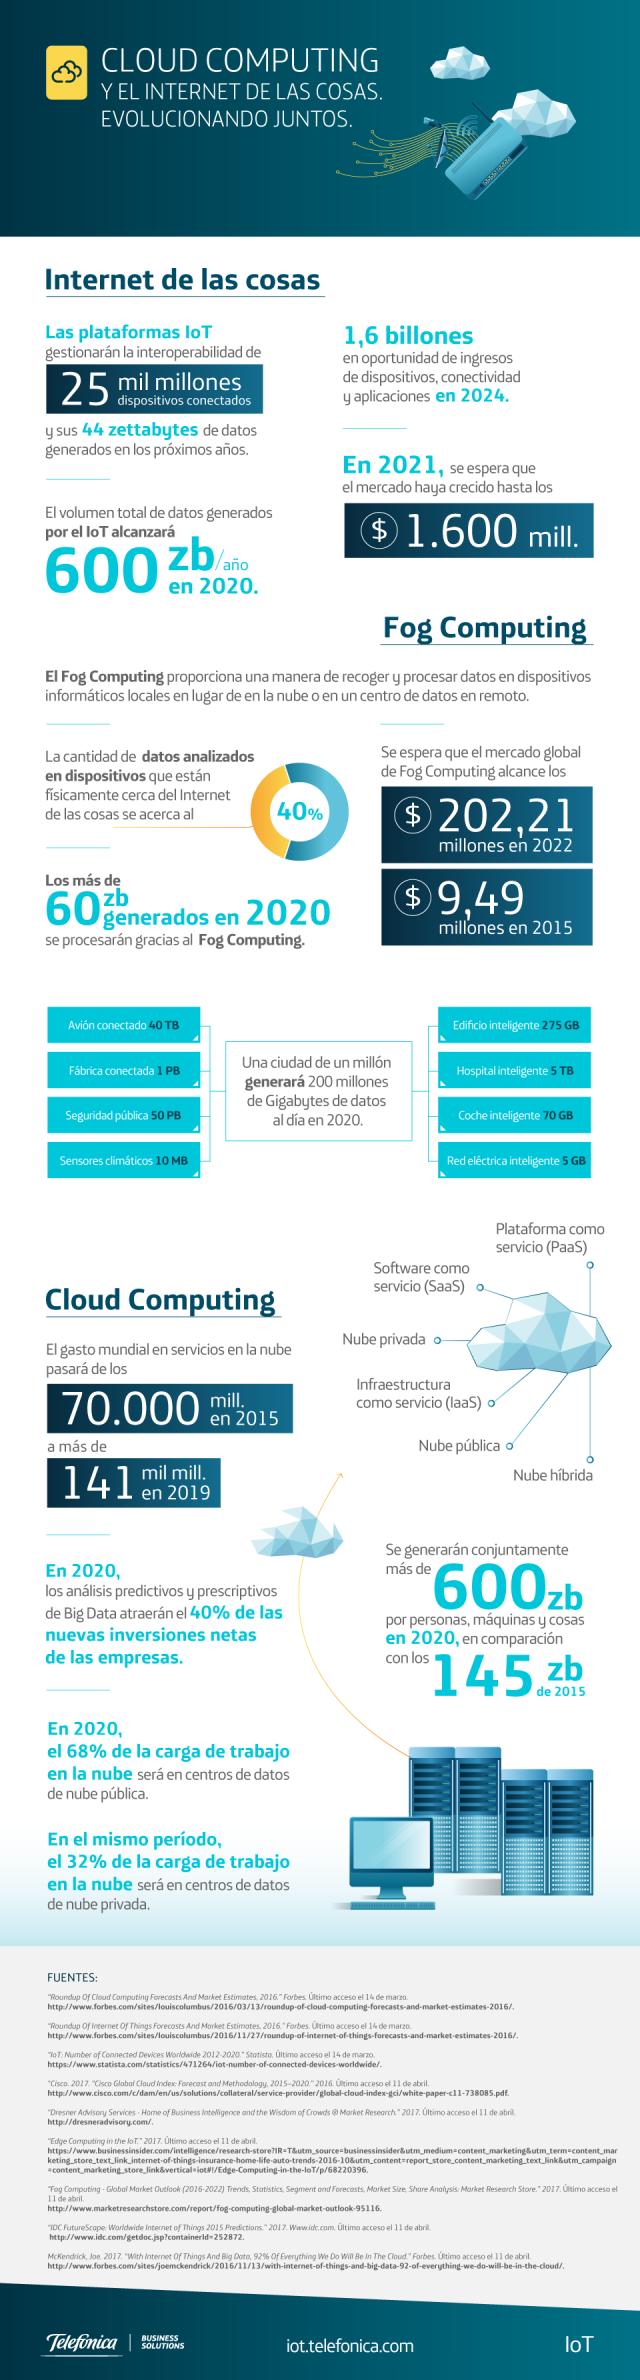 Cloud Computing e Internet de las Cosas de la mano